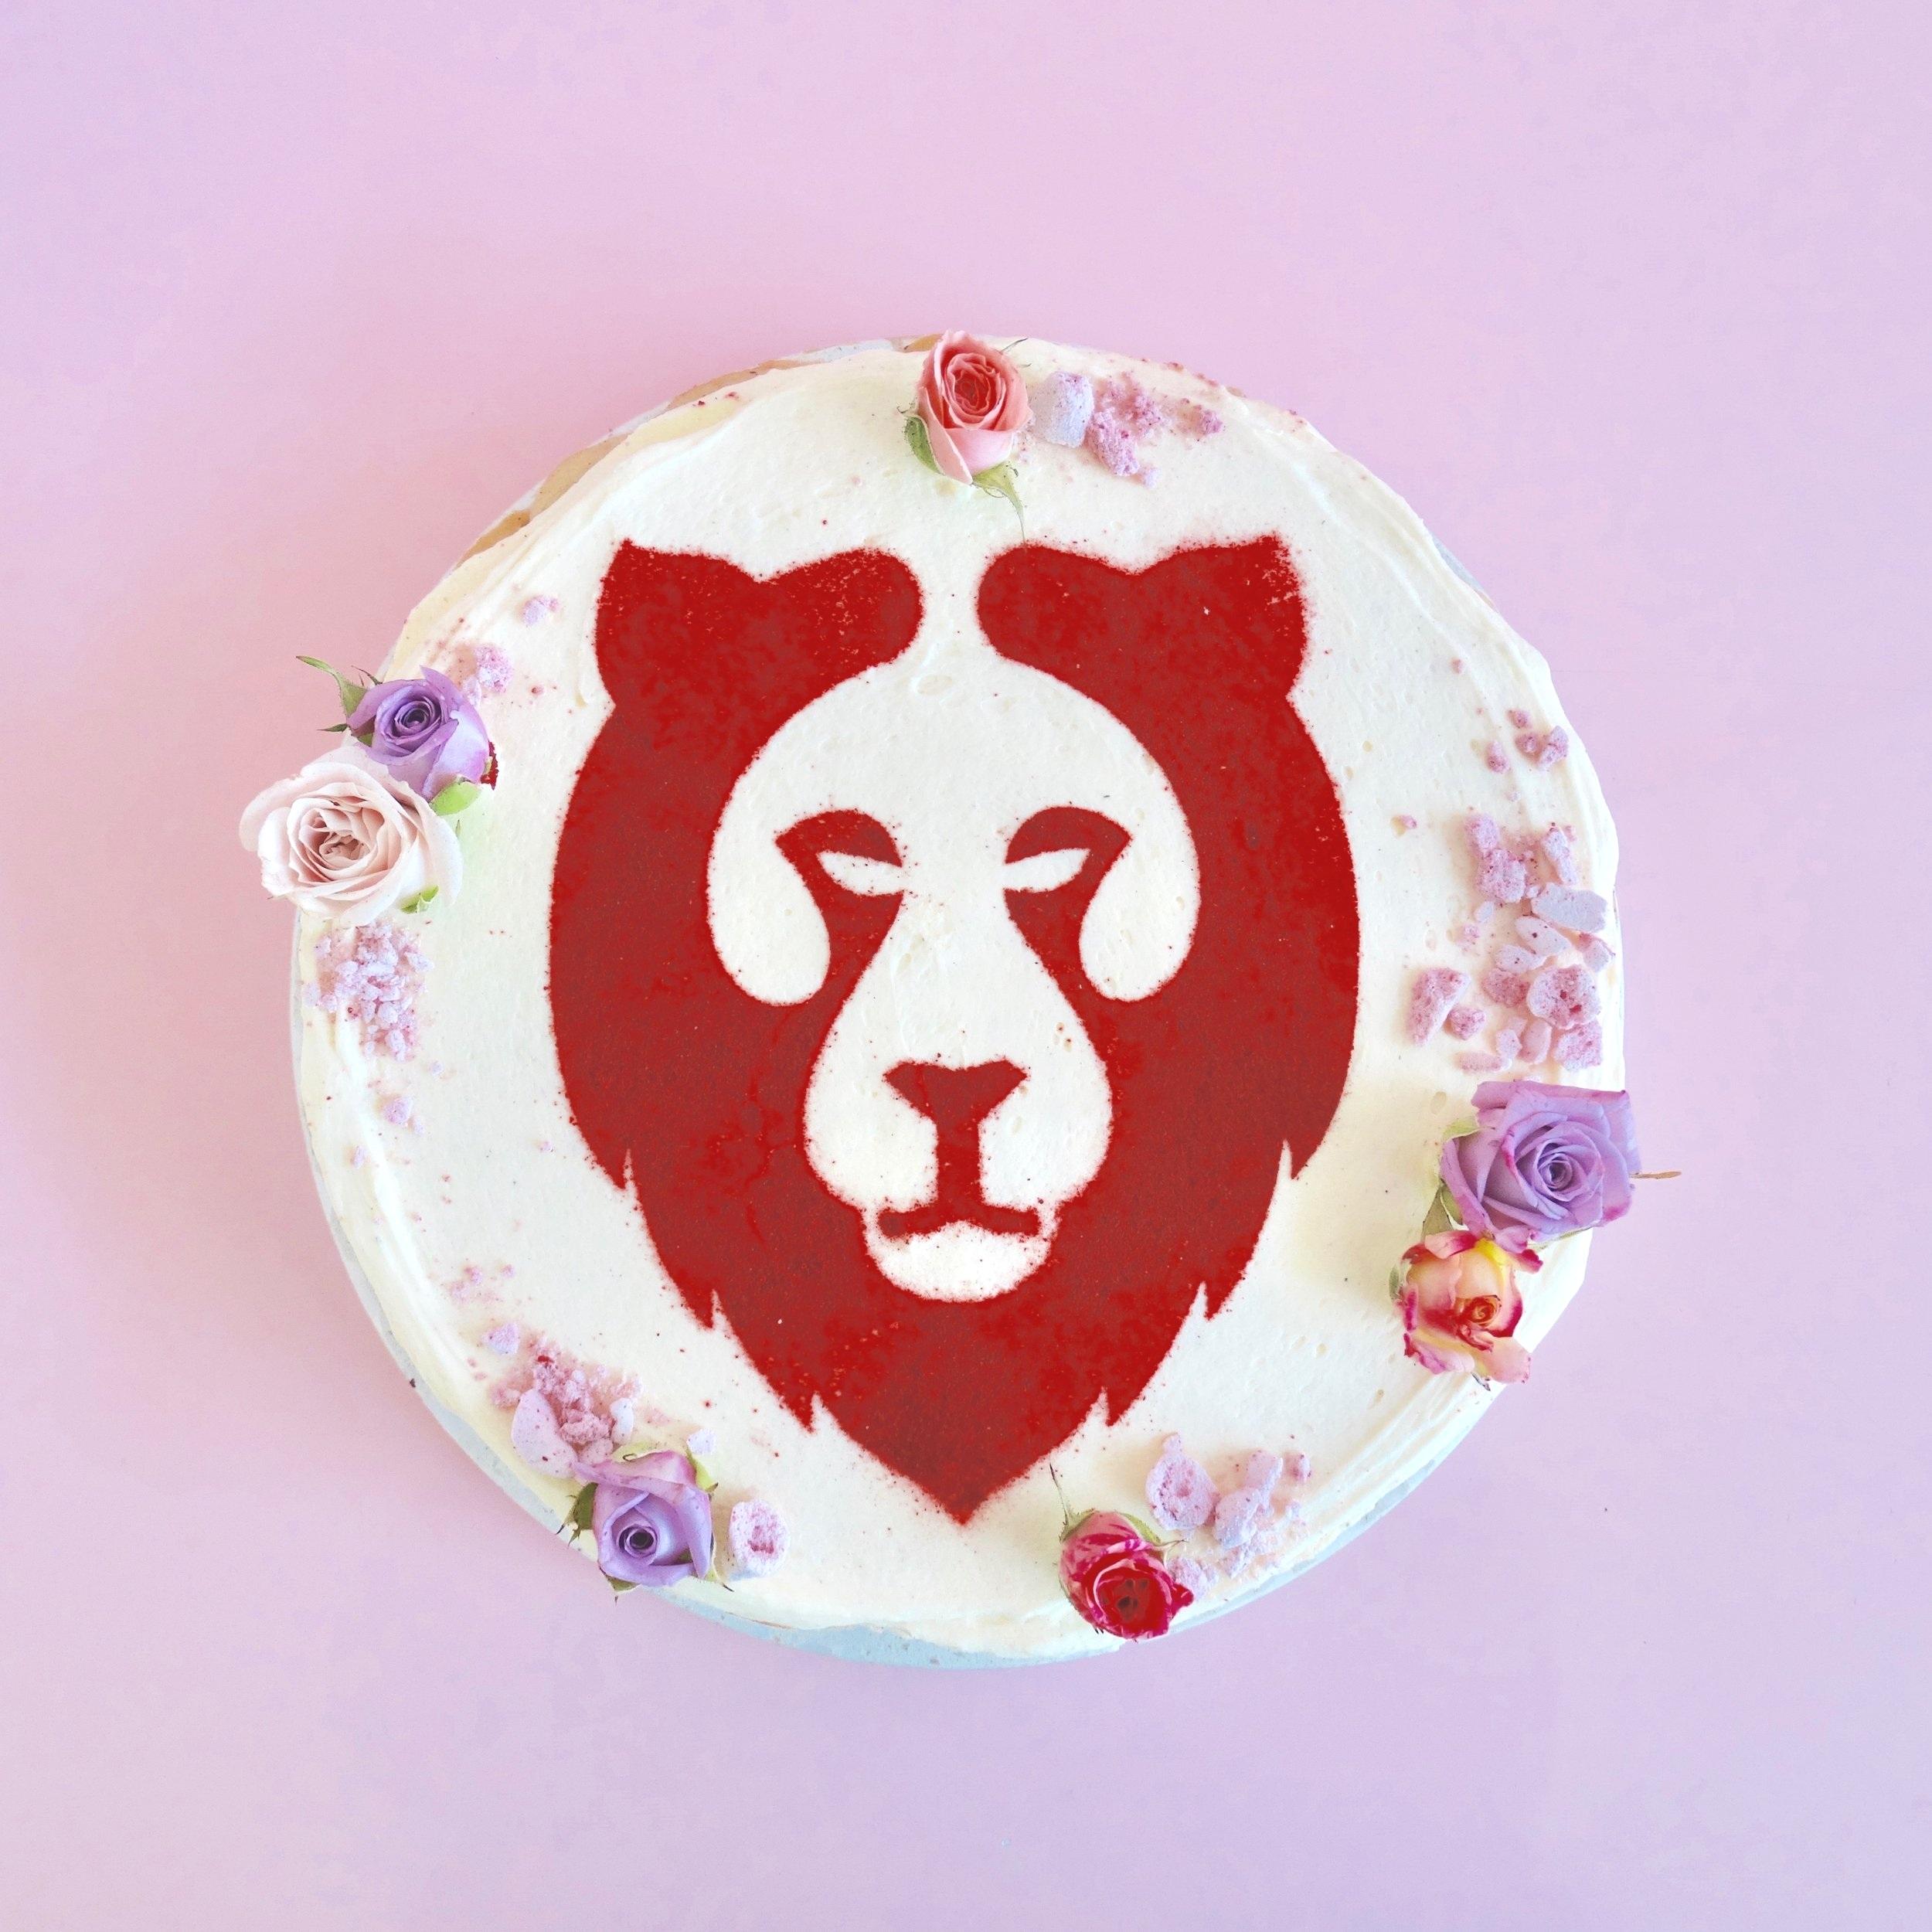 The+Caker+Leo+Zodiac+Cake.jpg